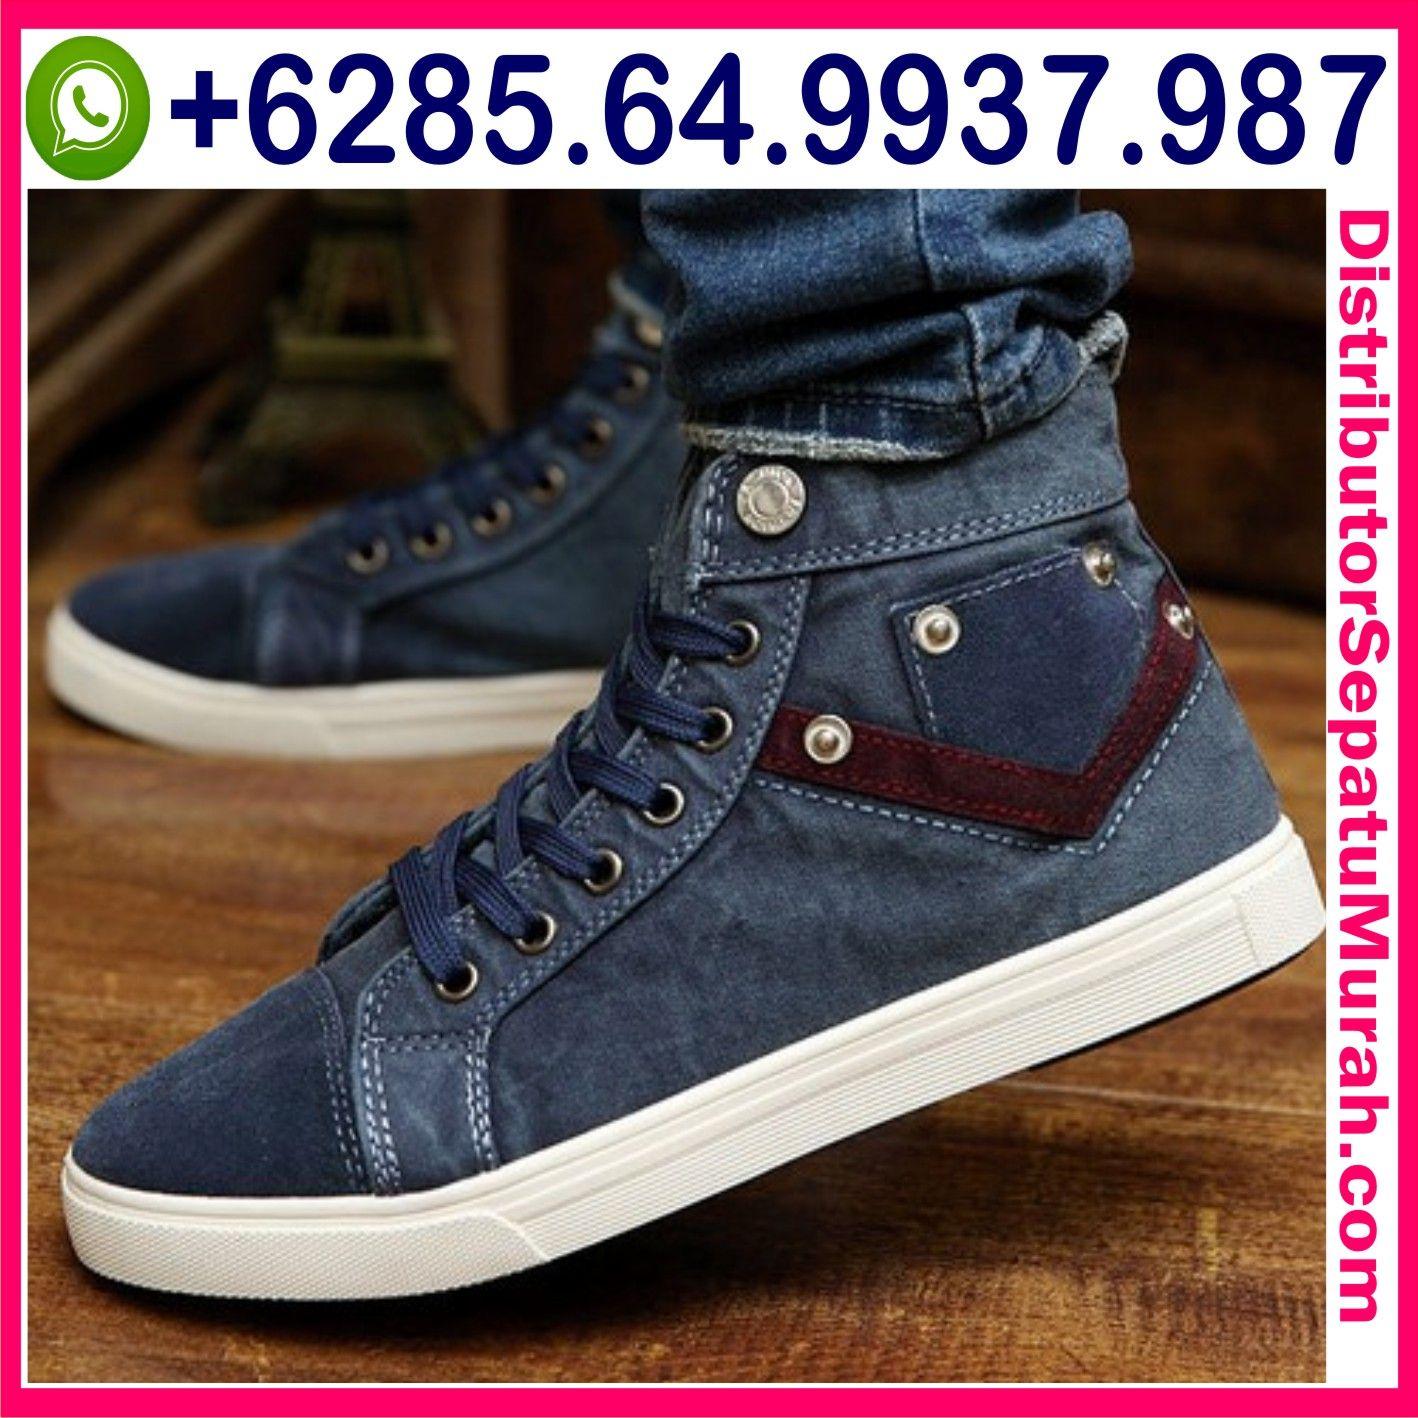 Produksi Sepatu Perempuan Sepatu Dan Model Sepatu